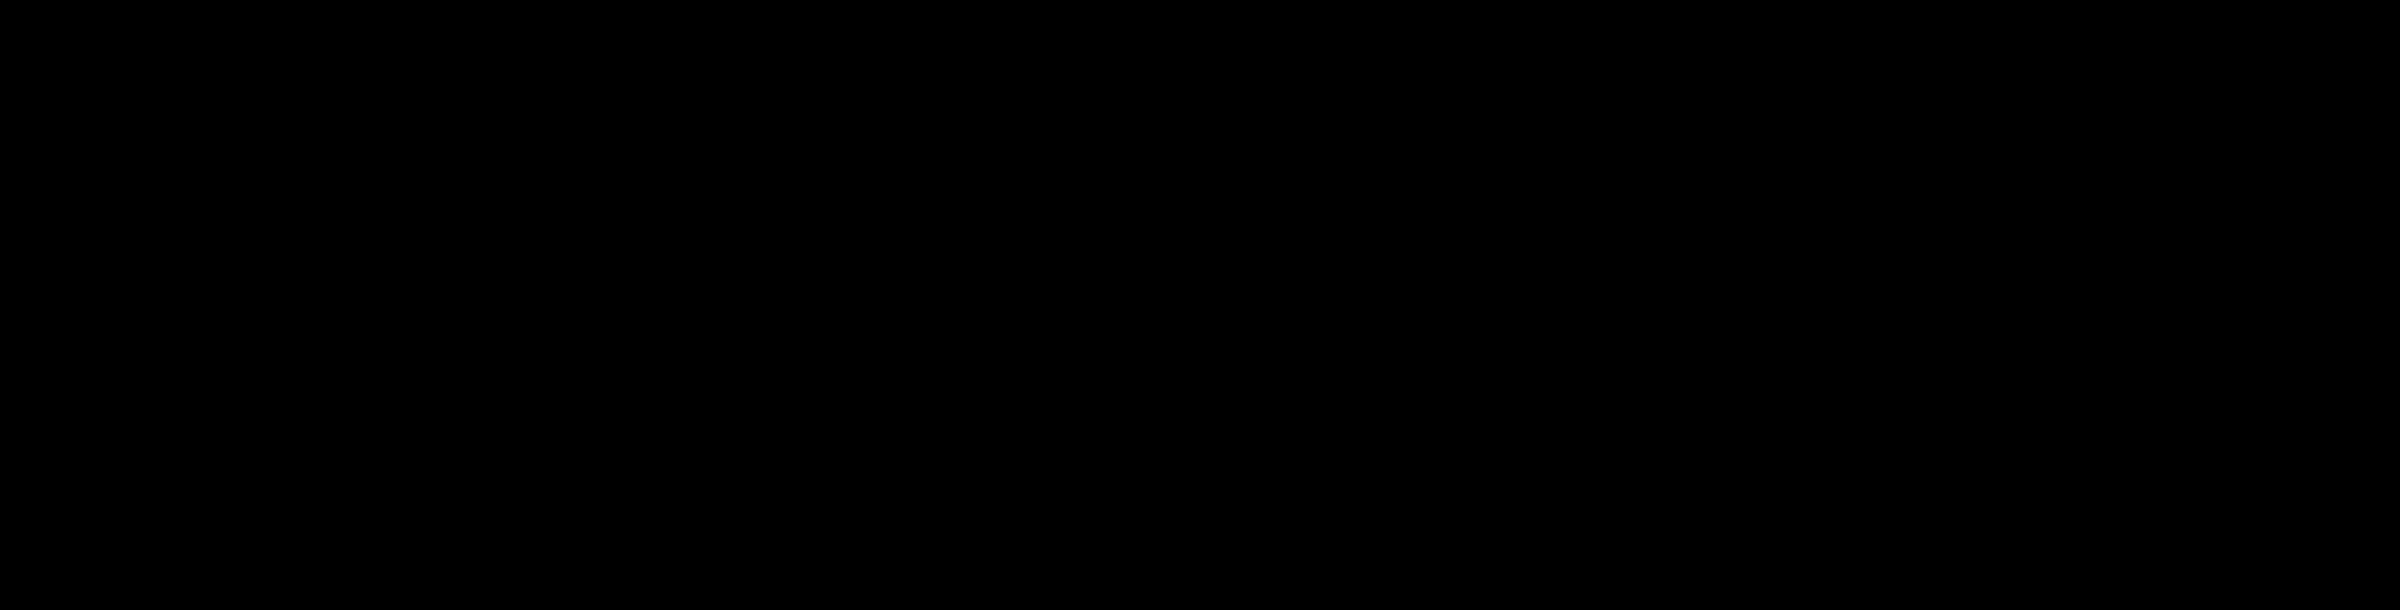 Billboard Logo PNG Transparent & SVG Vector.